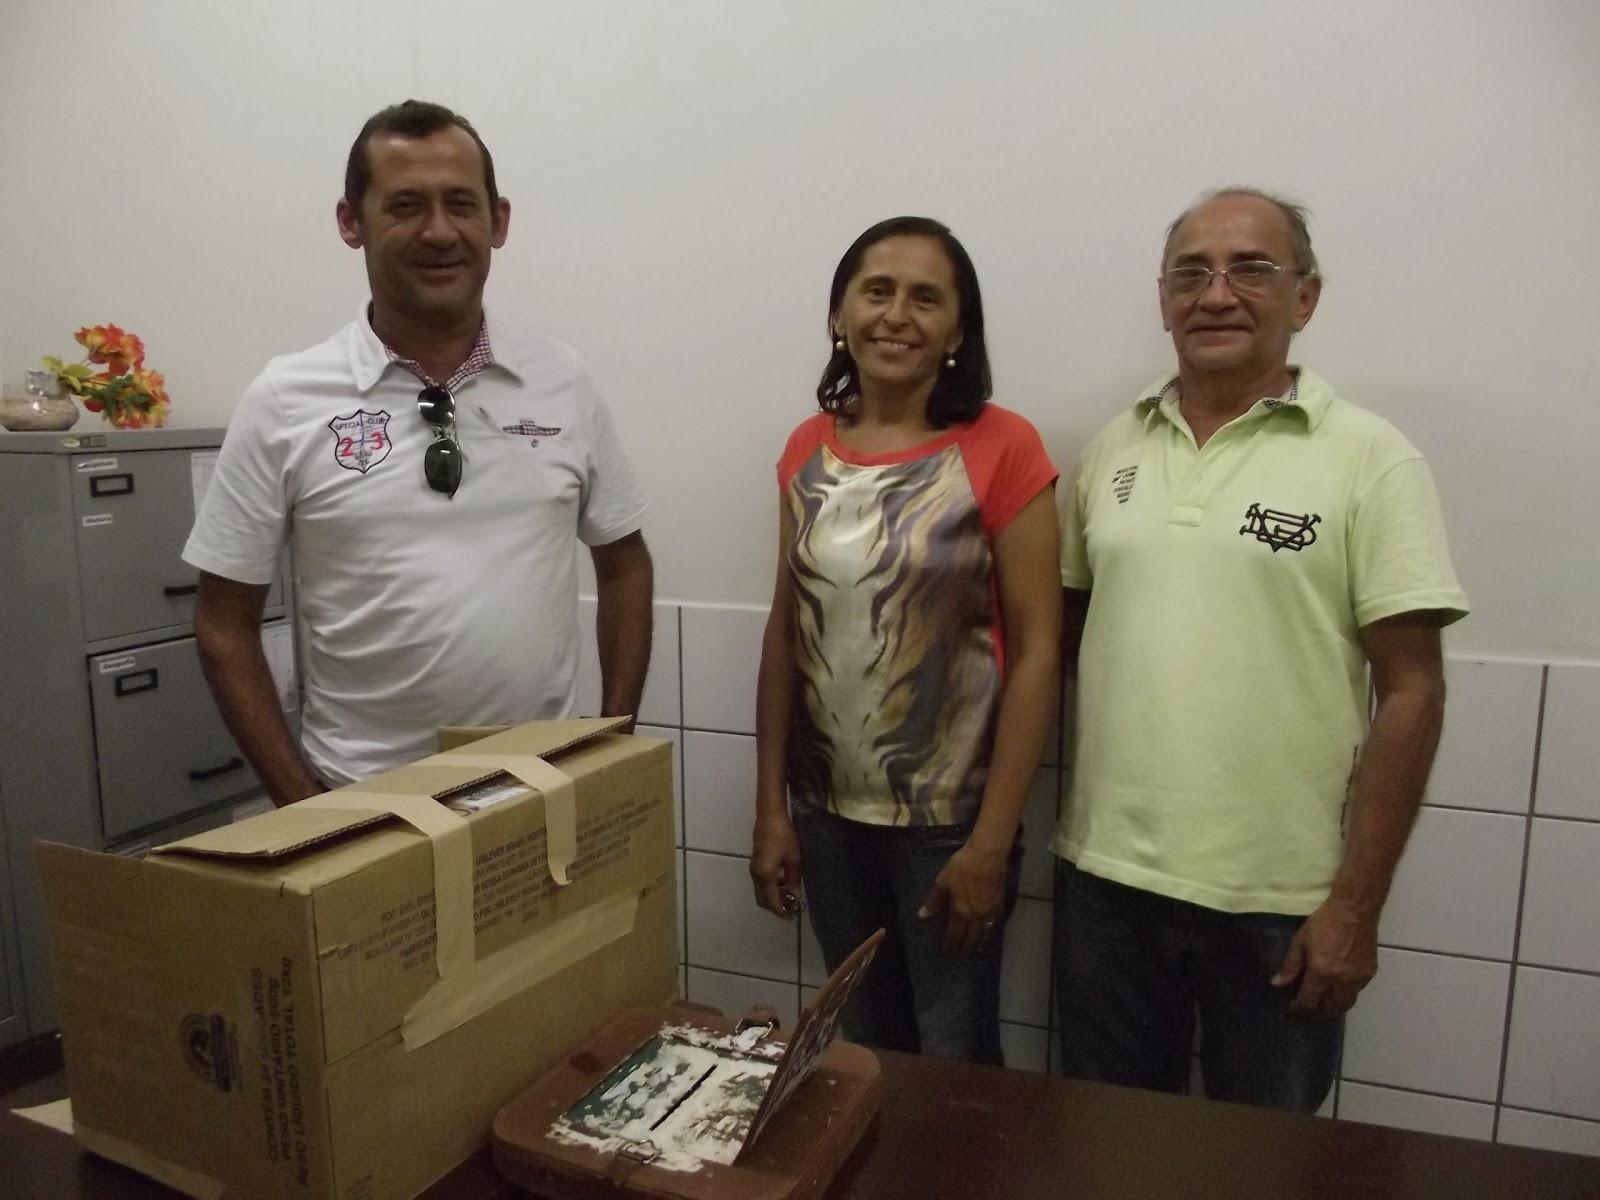 2f5d27bbd10 Valdereis a nova diretora do Ceja eleita com 59% dos votos.